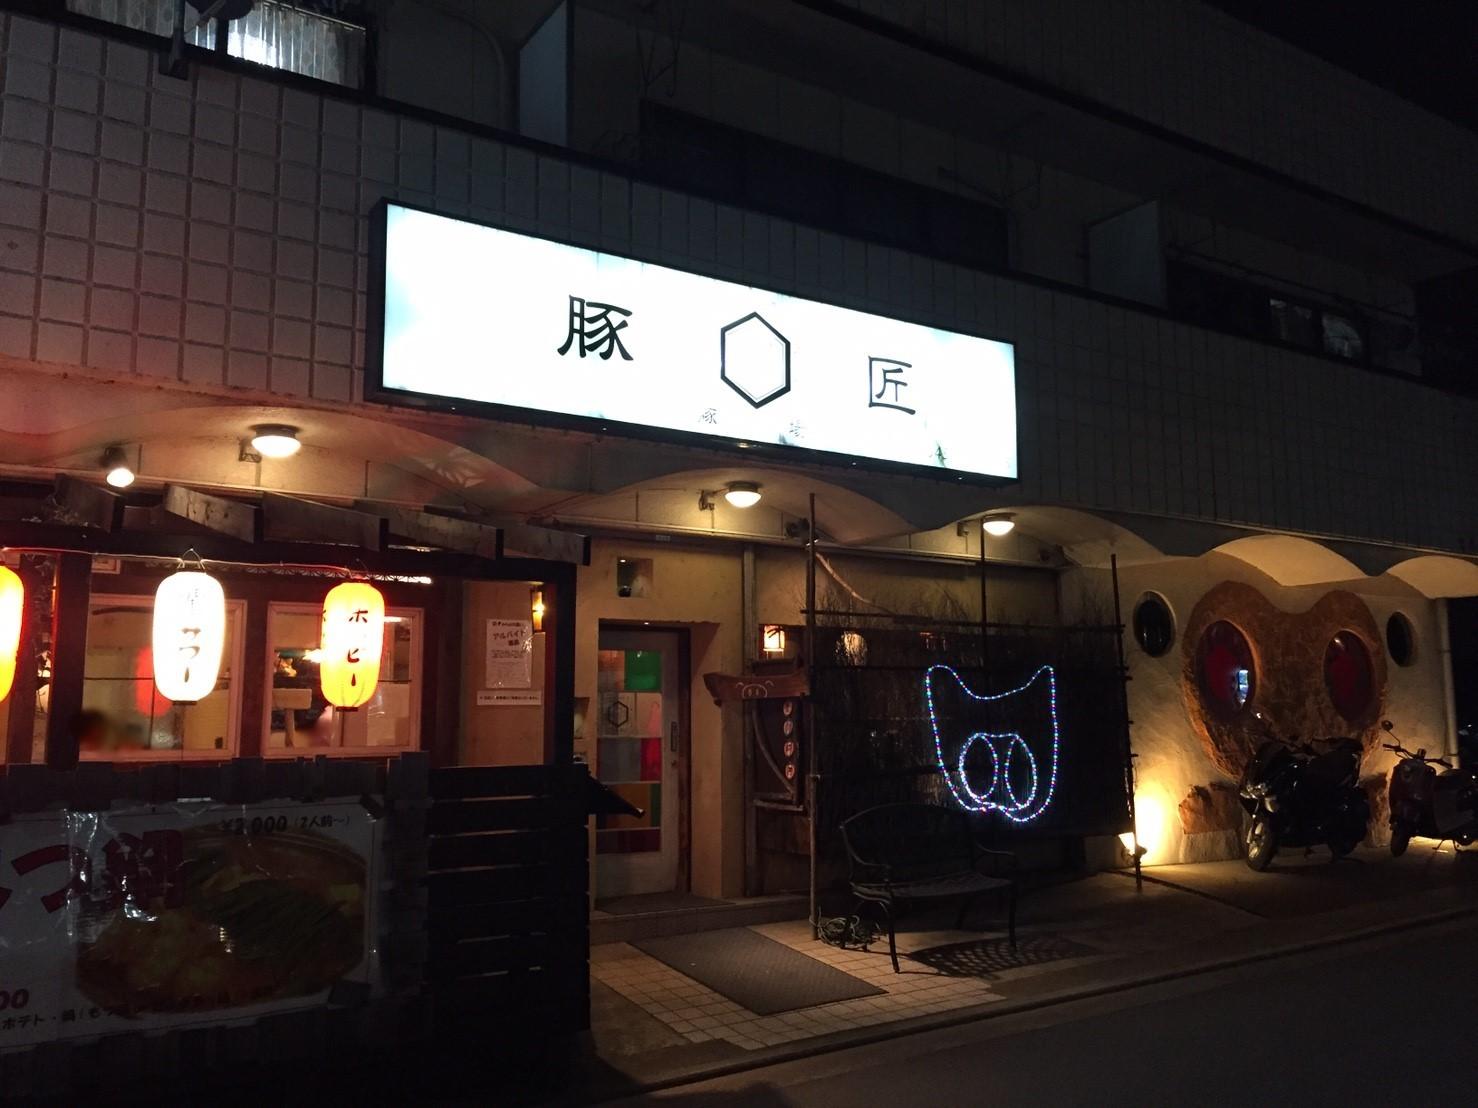 市が尾駅3分の居酒屋『豚匠』の看板と入口の様子